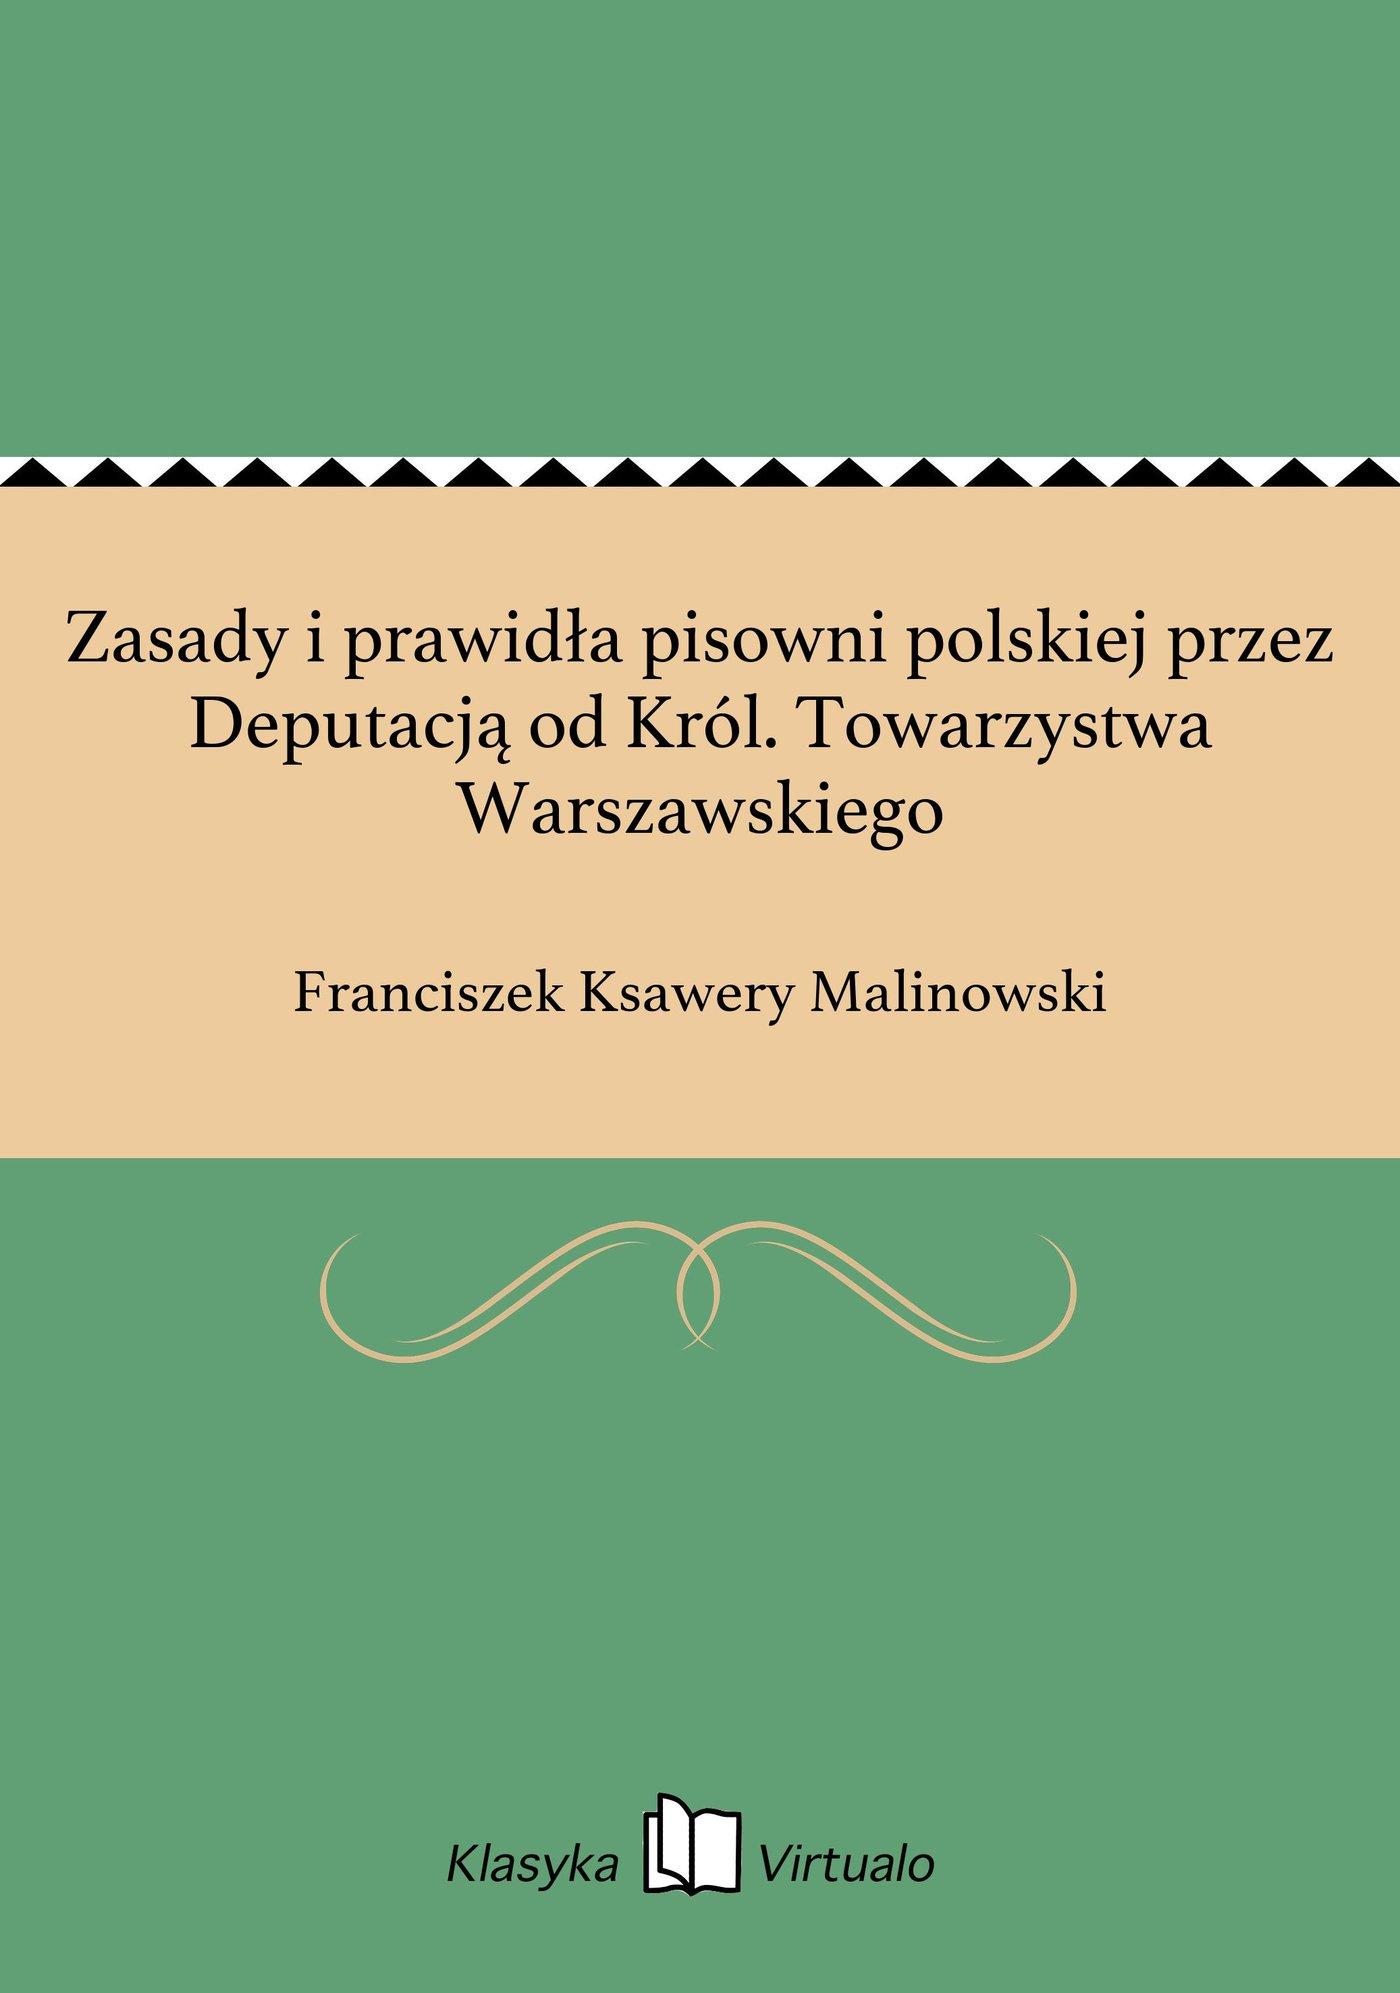 Zasady i prawidła pisowni polskiej przez Deputacją od Król. Towarzystwa Warszawskiego - Ebook (Książka EPUB) do pobrania w formacie EPUB